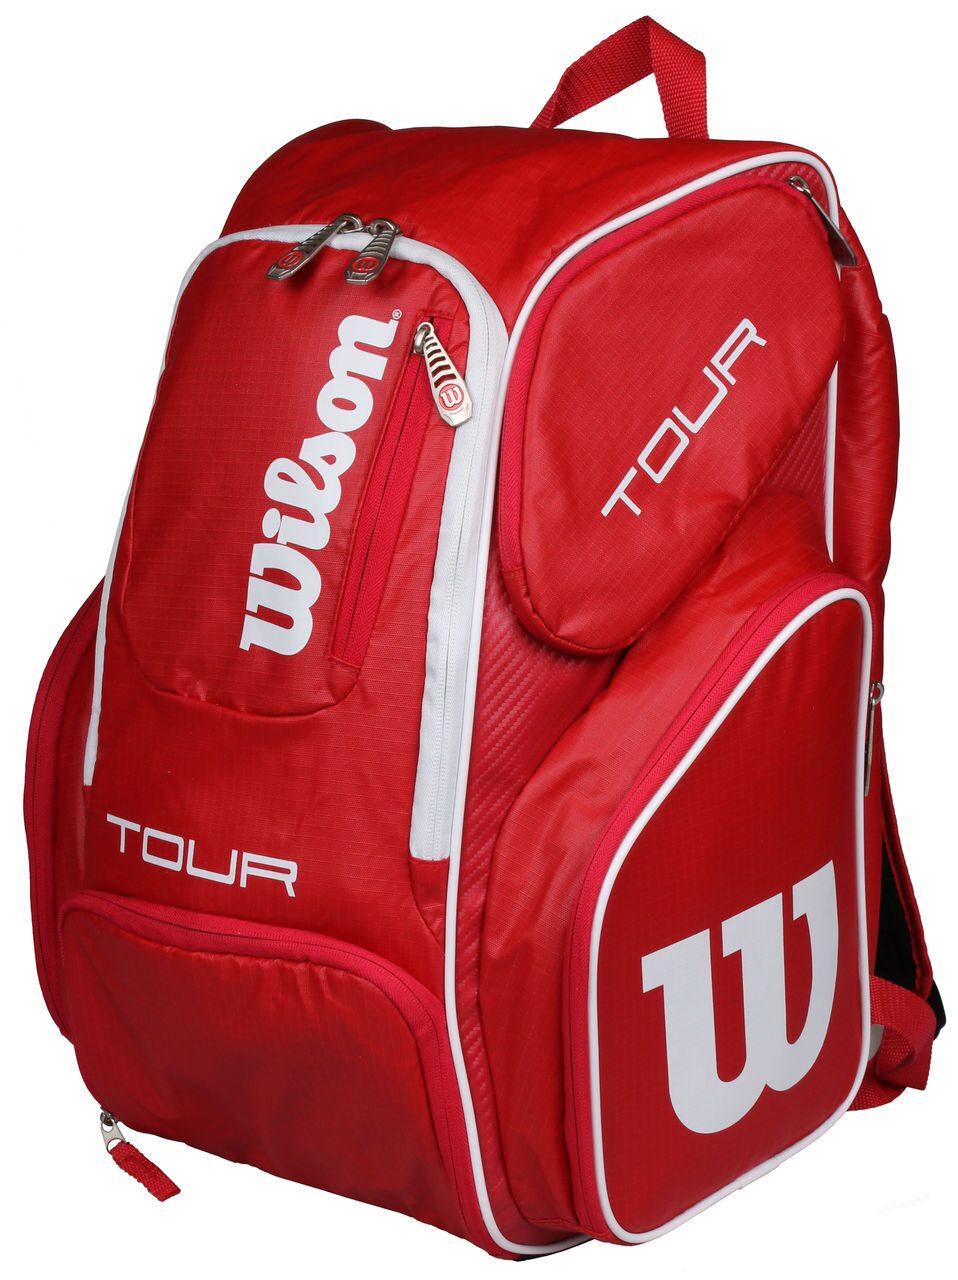 Спортивные сумки рюкзаки wilson мужские рюкзаки луи витон